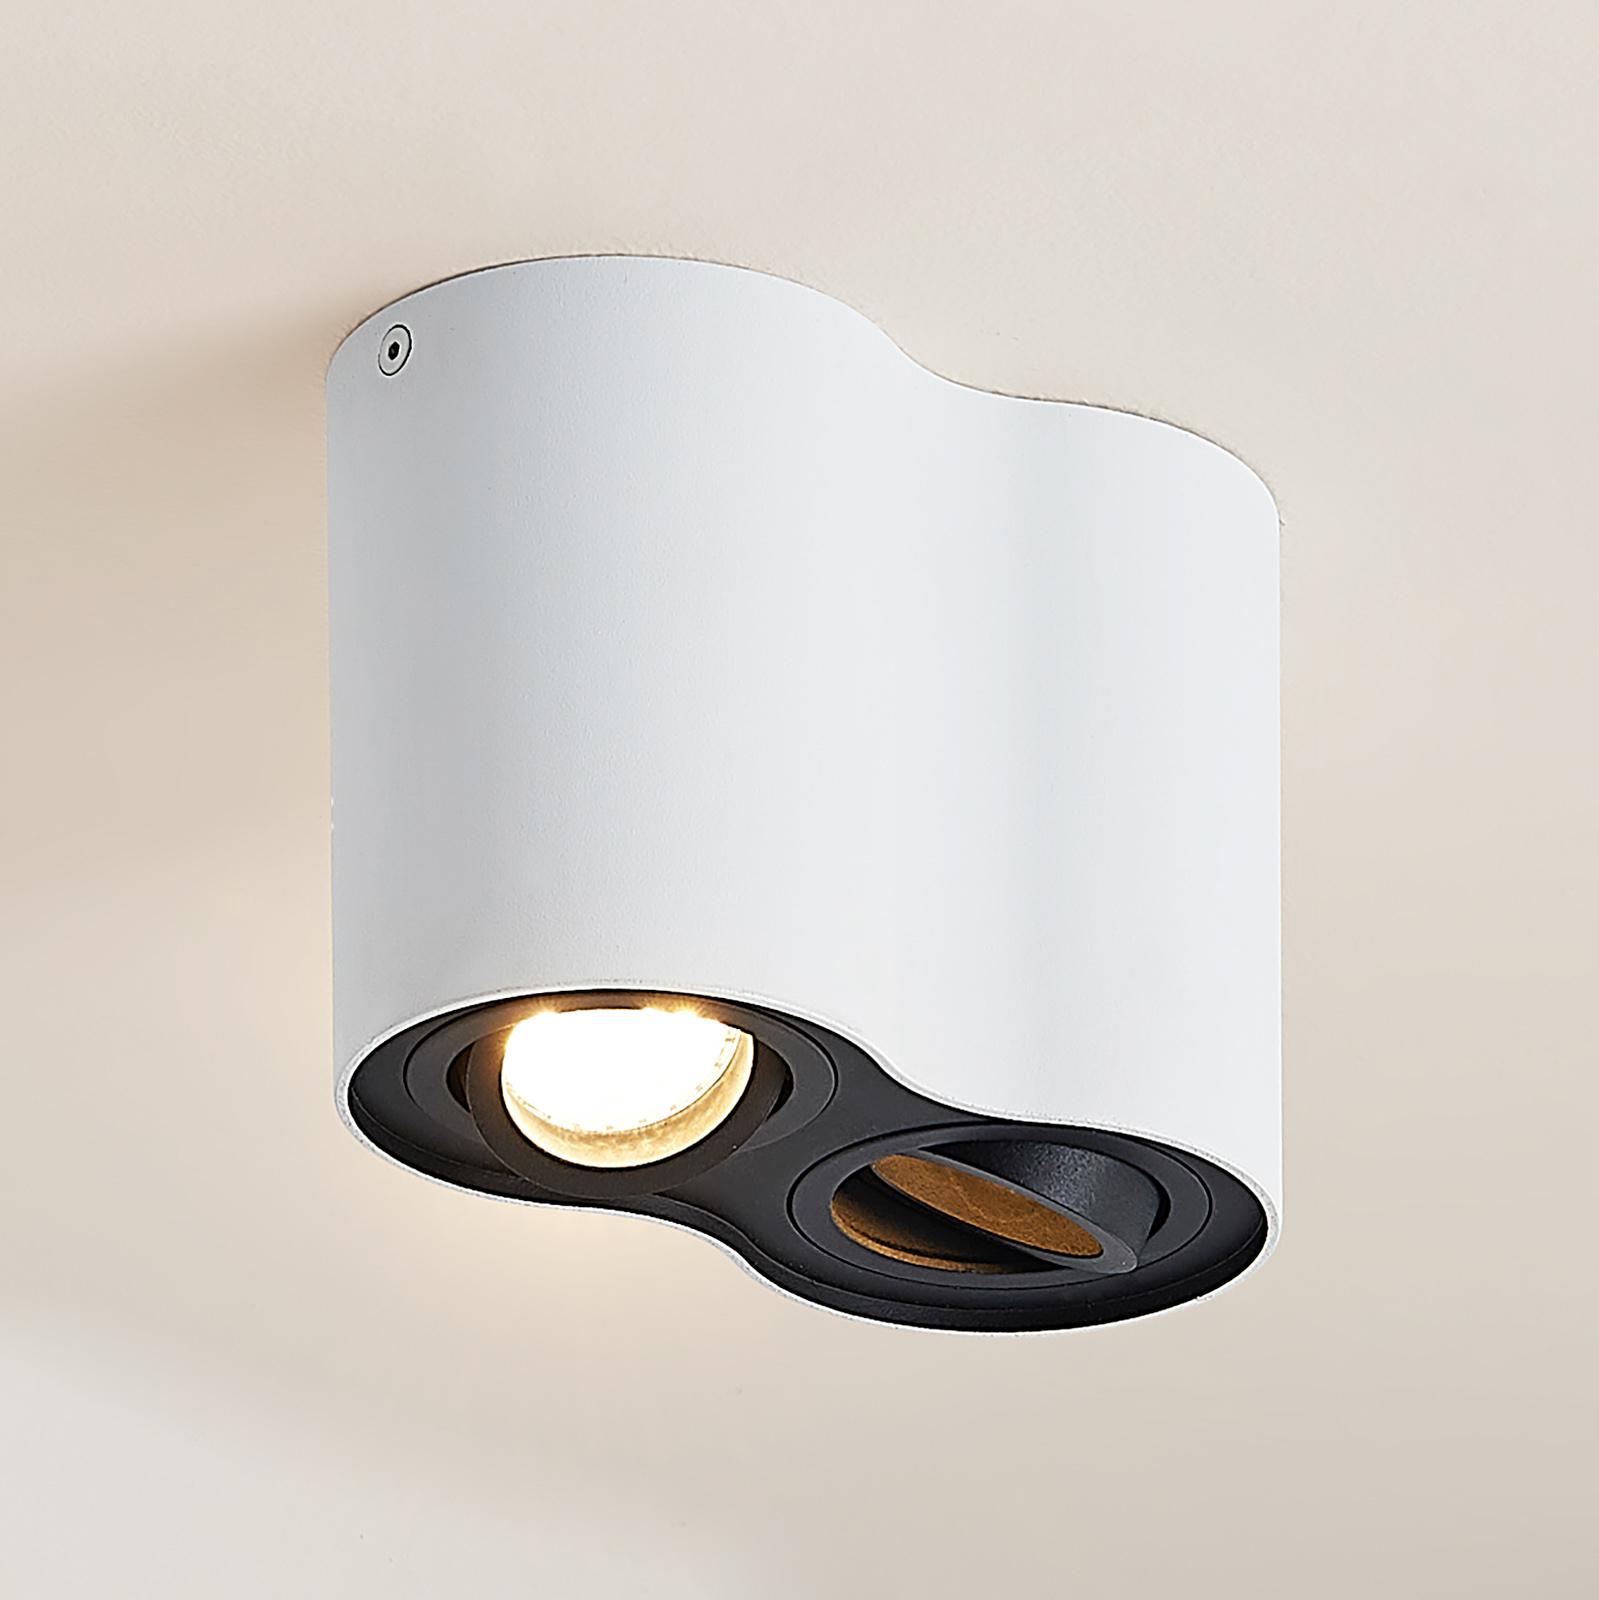 Arcchio Hermalina plafondlamp, rond, 2-lamps